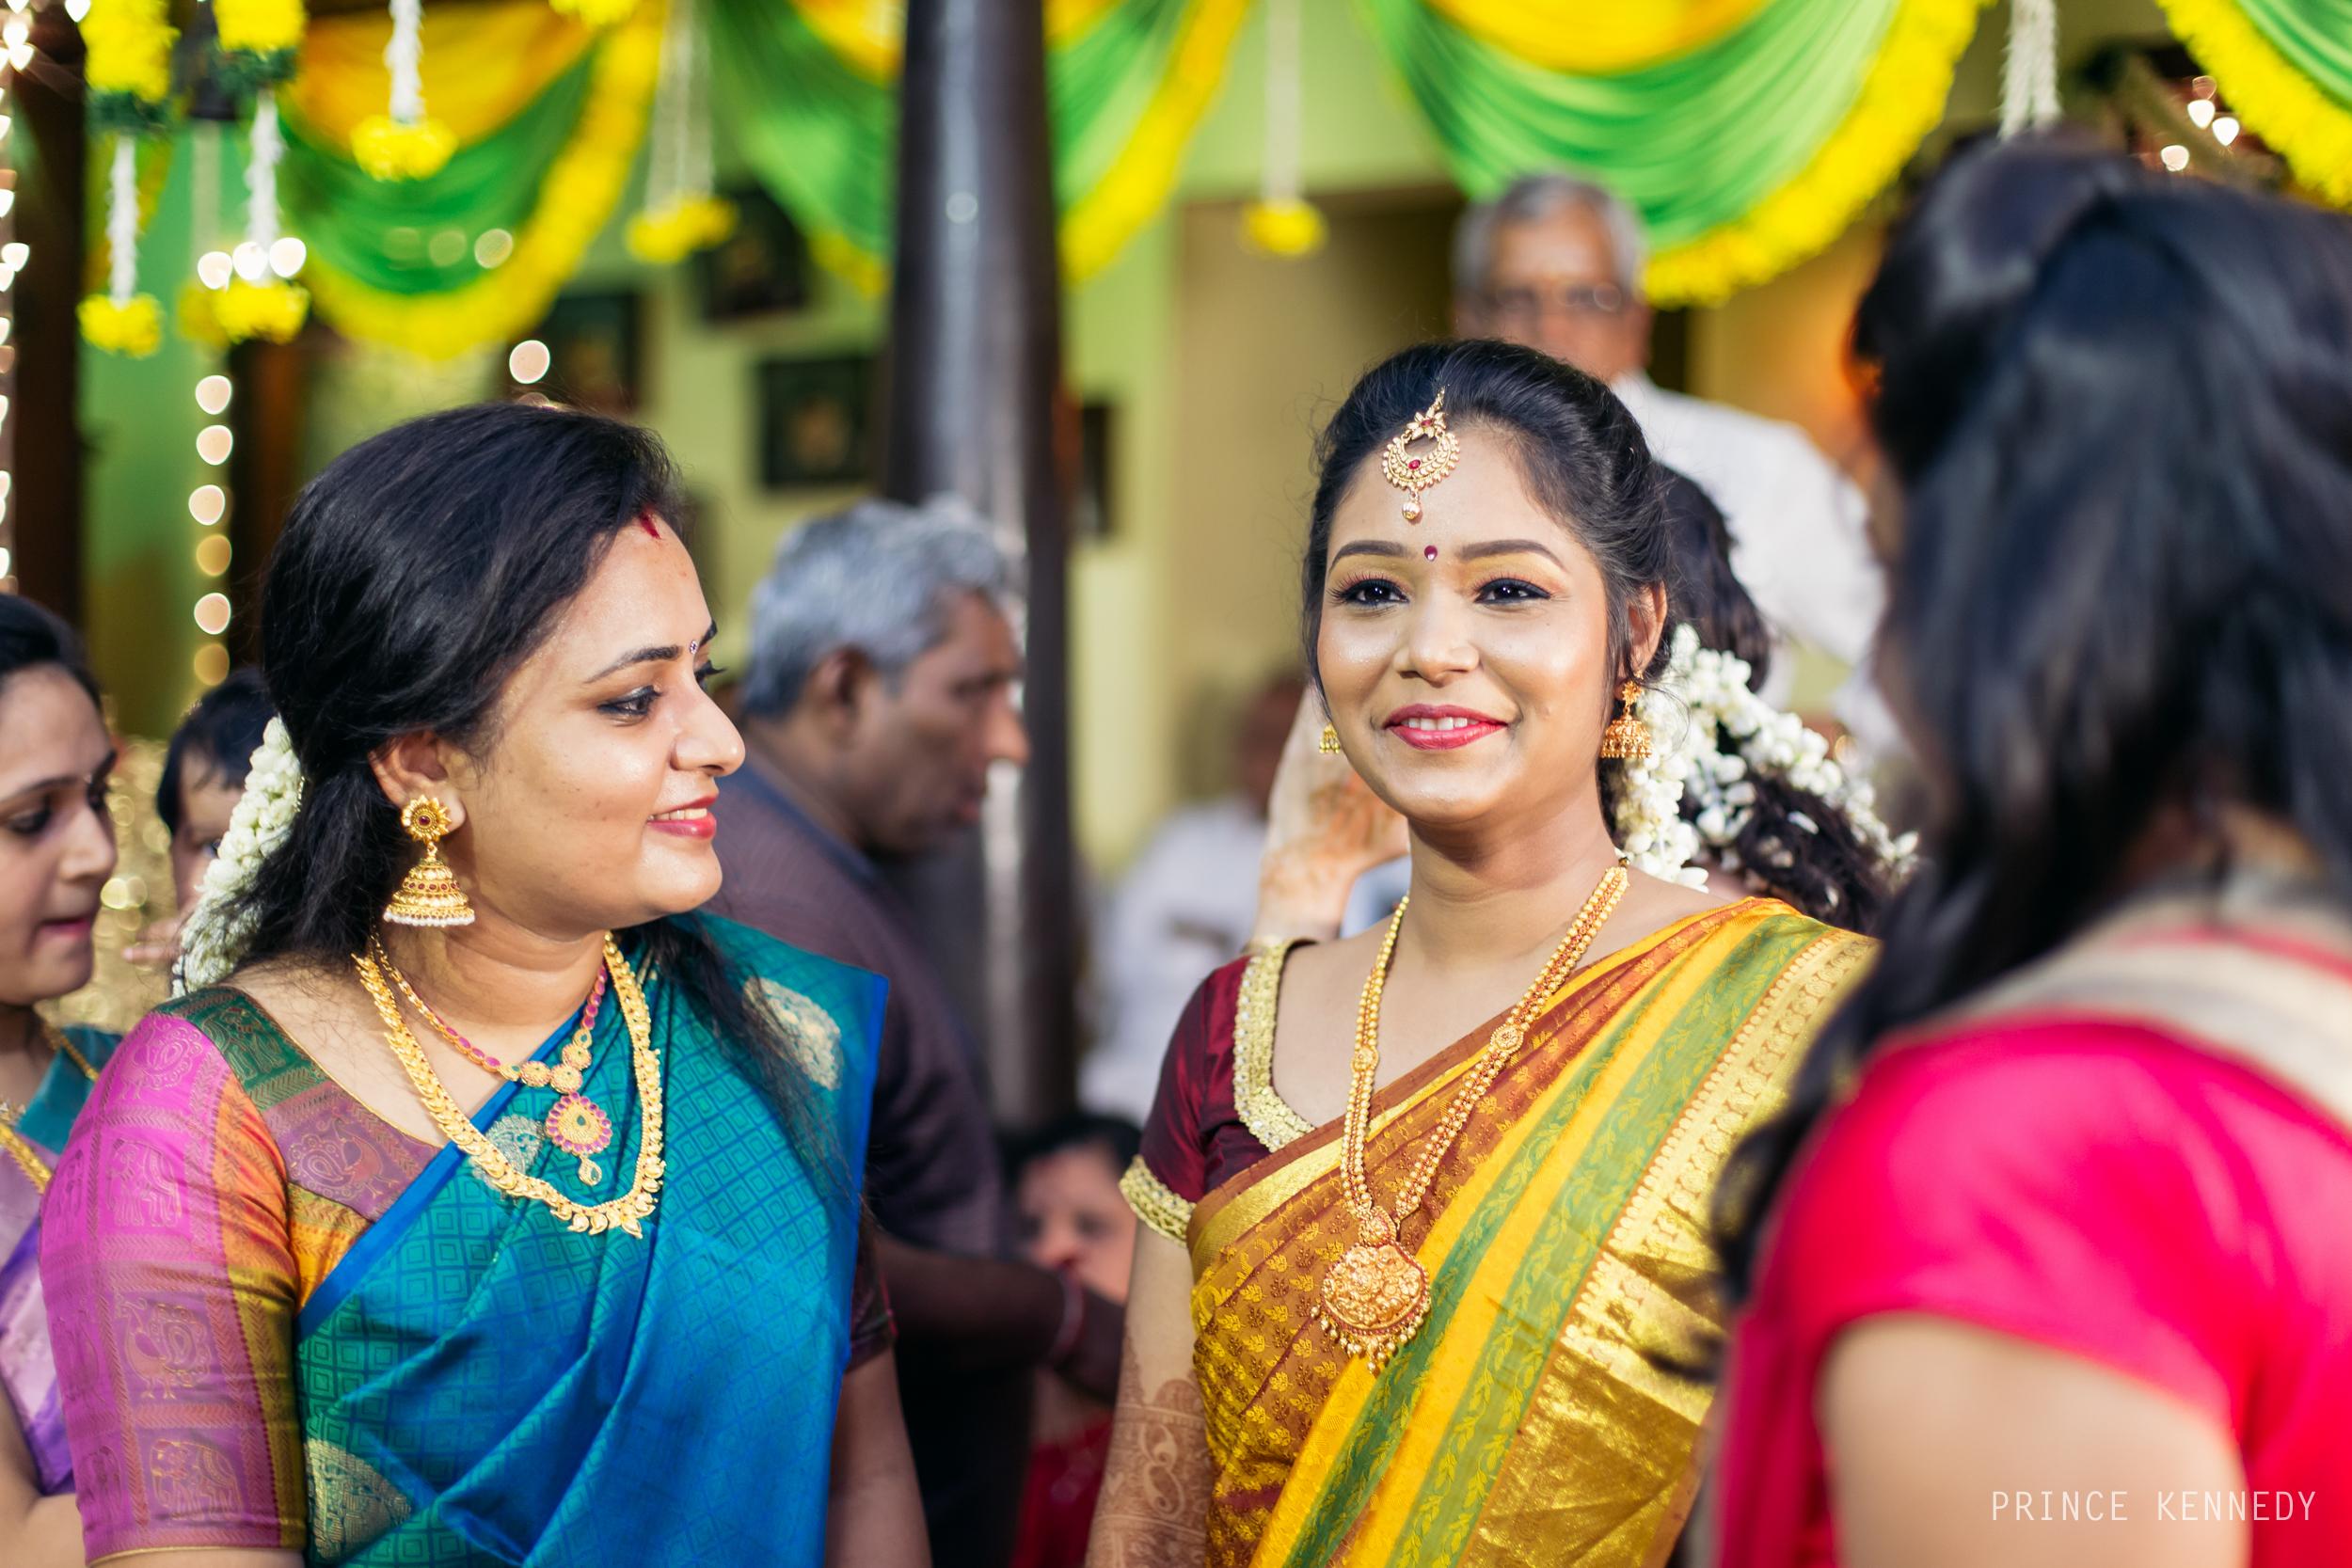 Engagement-Couple-Portrait-Portraiture-Wedding-Couple-Portrait-Chennai-Photographer-Candid-Photography-Destination-Best-Prince-Kennedy-Photography-151.jpg